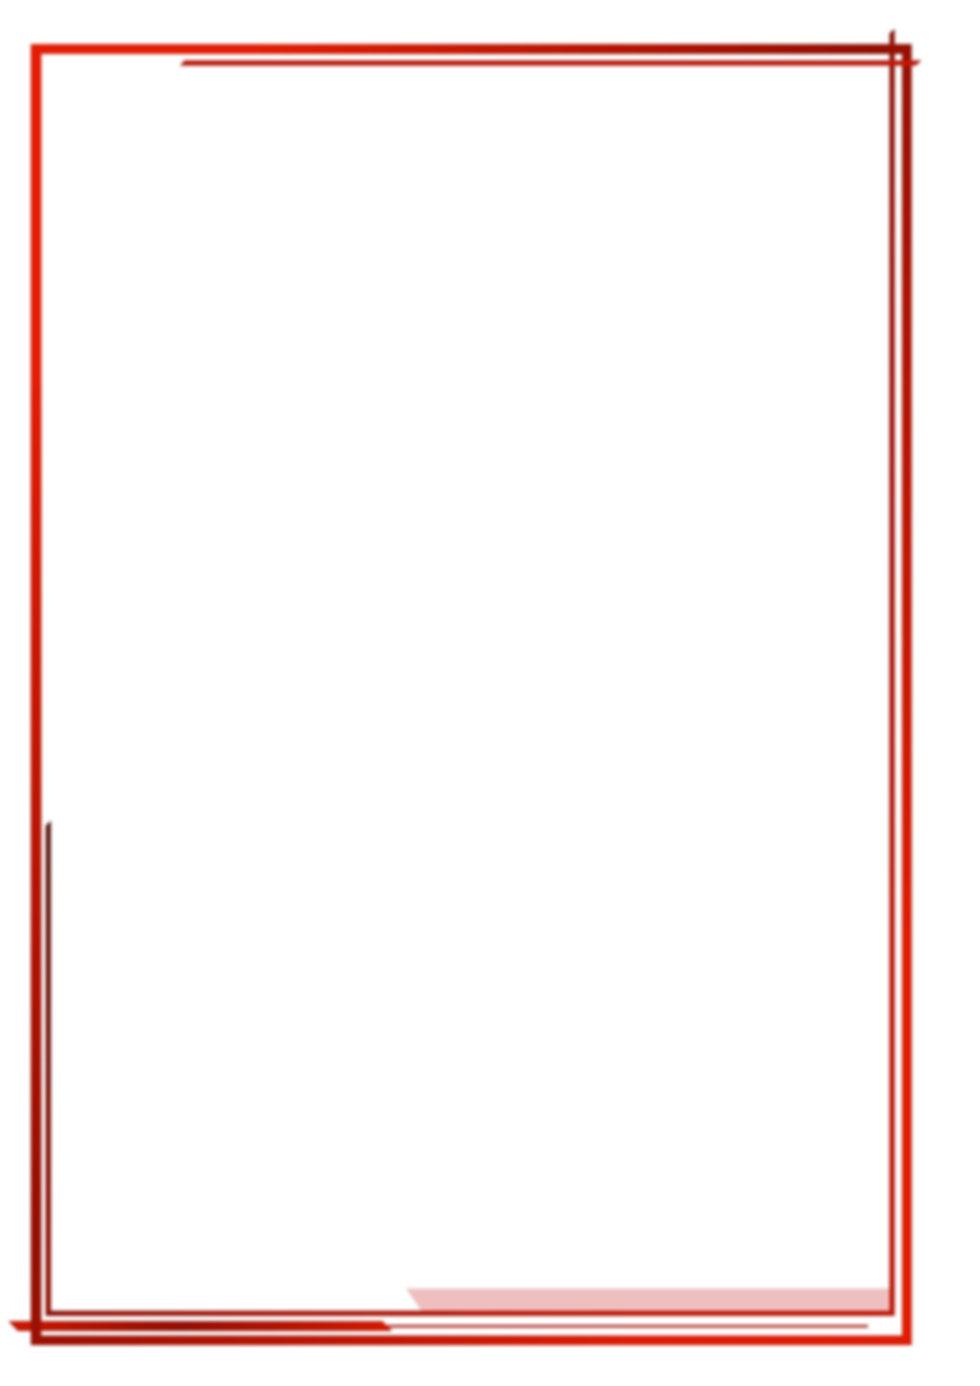 шаблон четной страницы.jpg